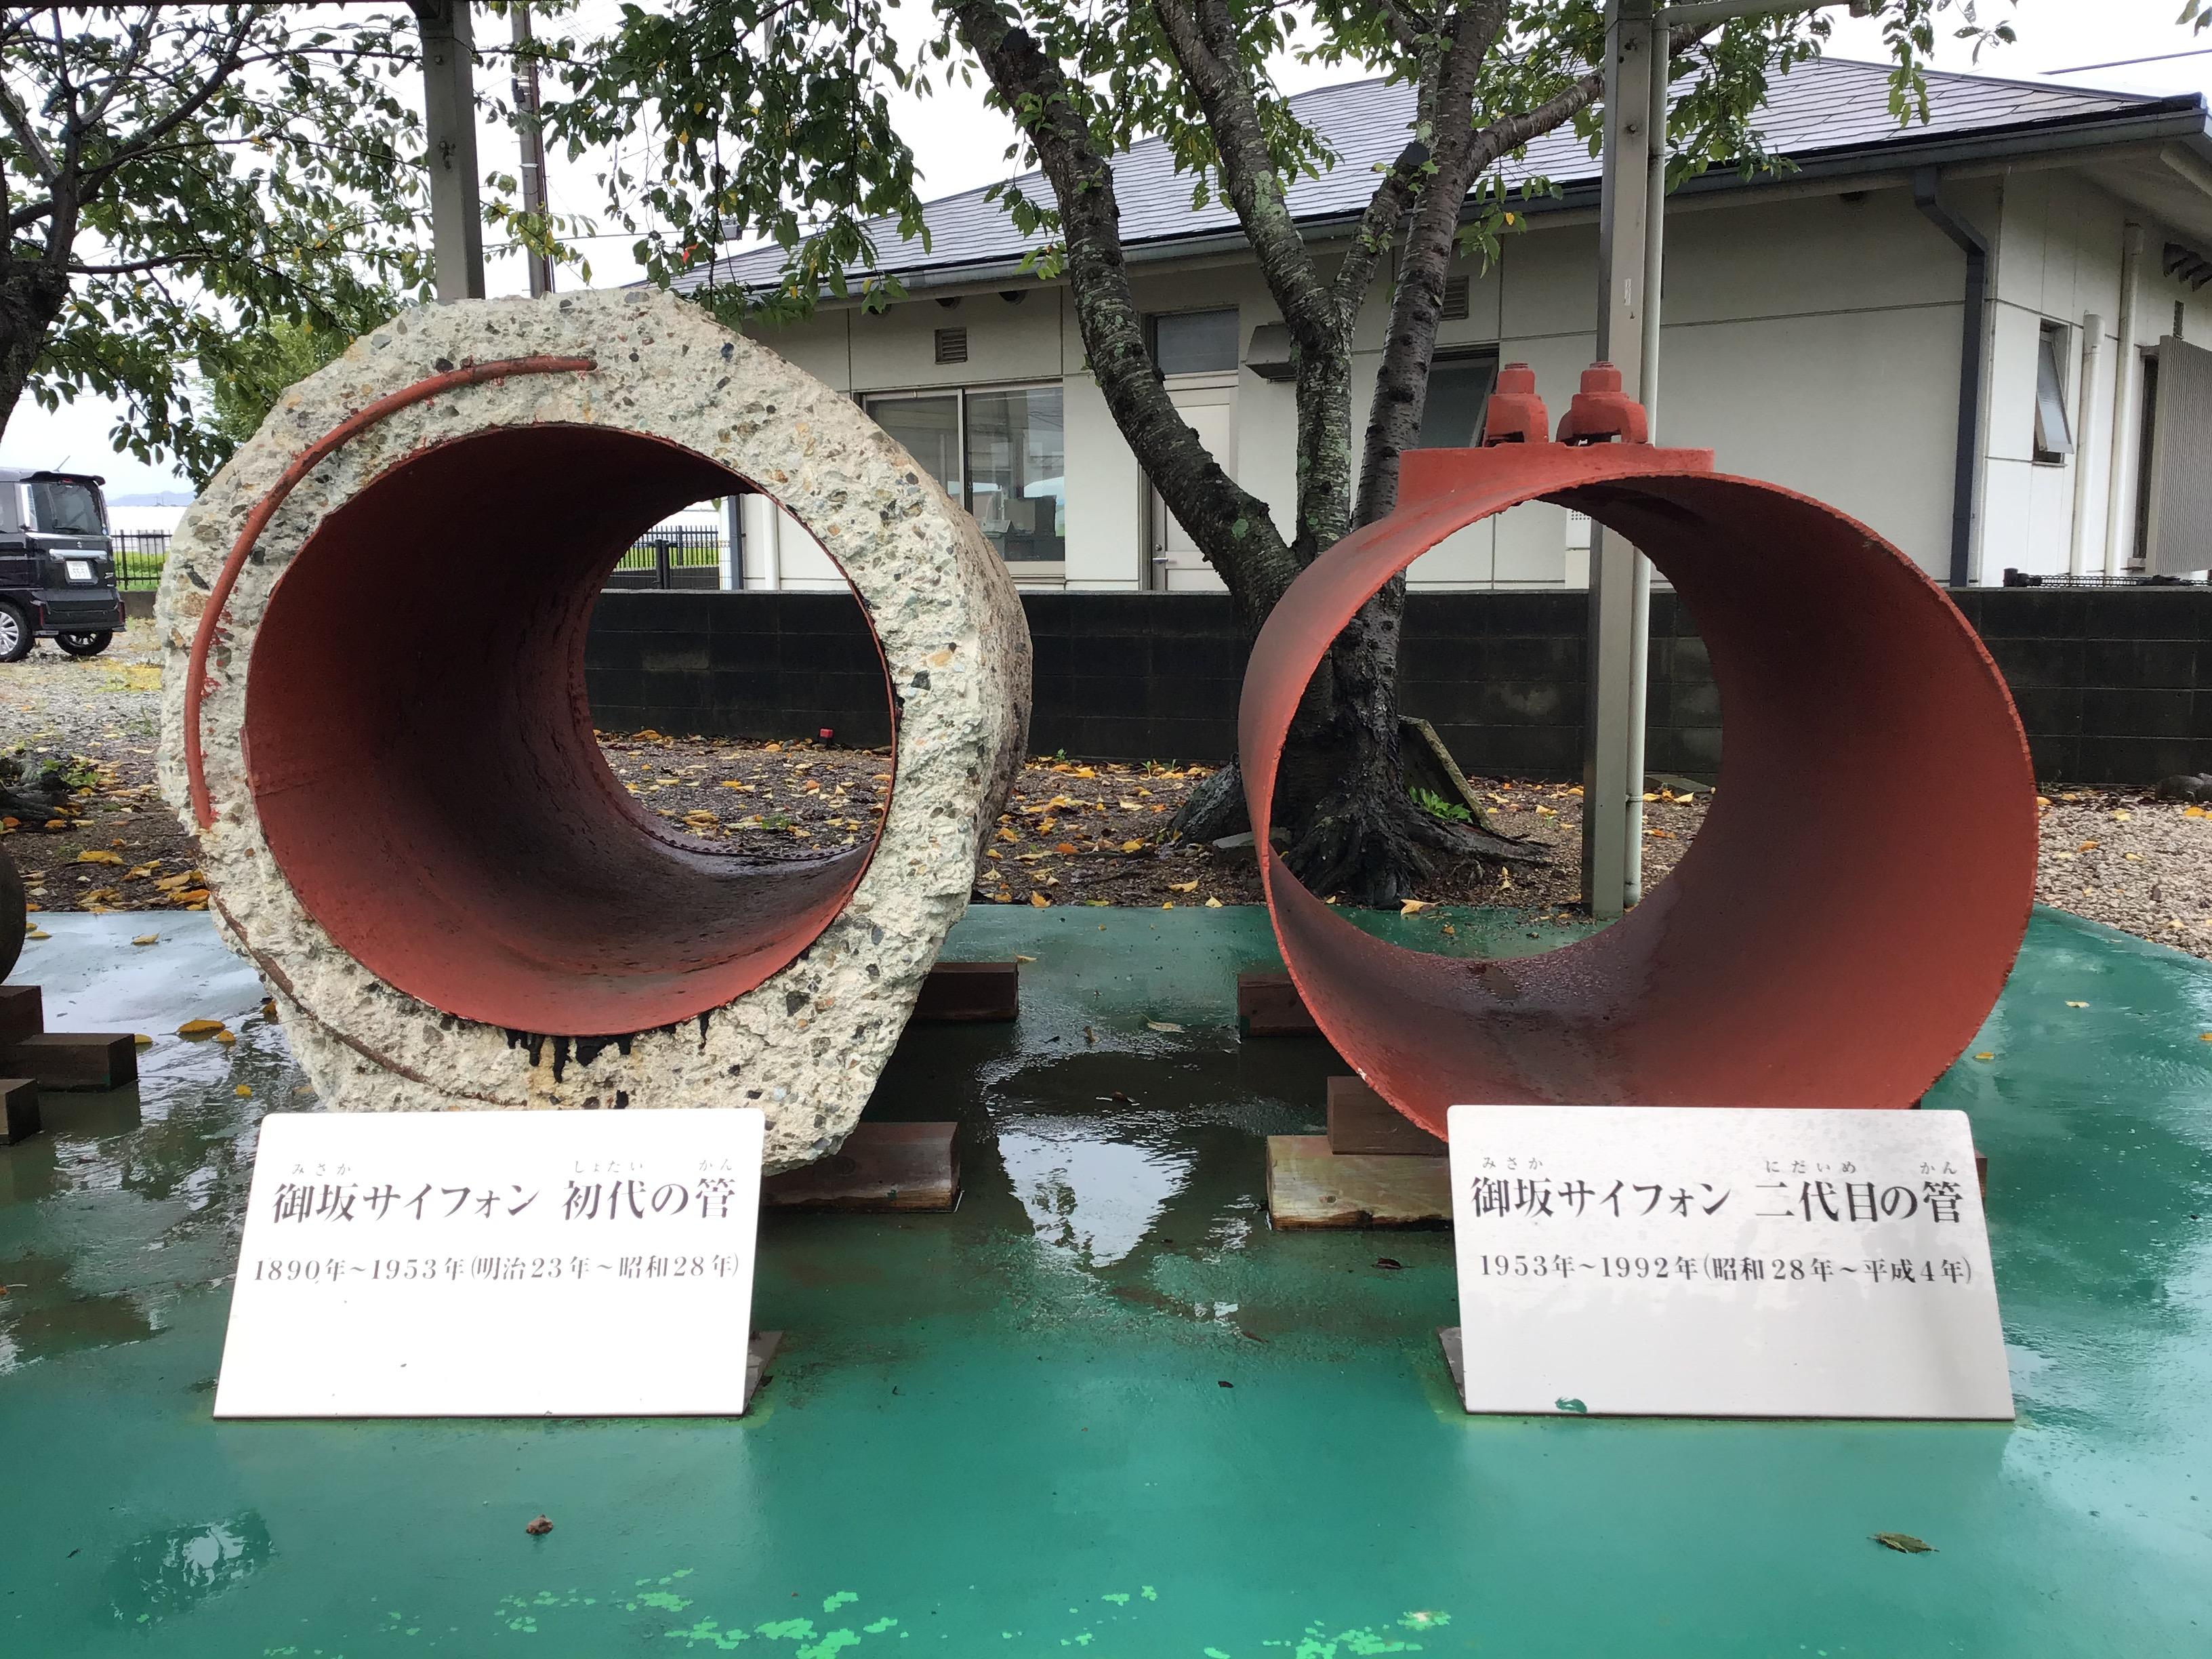 博物館前に初代・二代目のサイフォン断面が展示してあります。一見の価値あり。長らく頑張った管と先人に感謝。